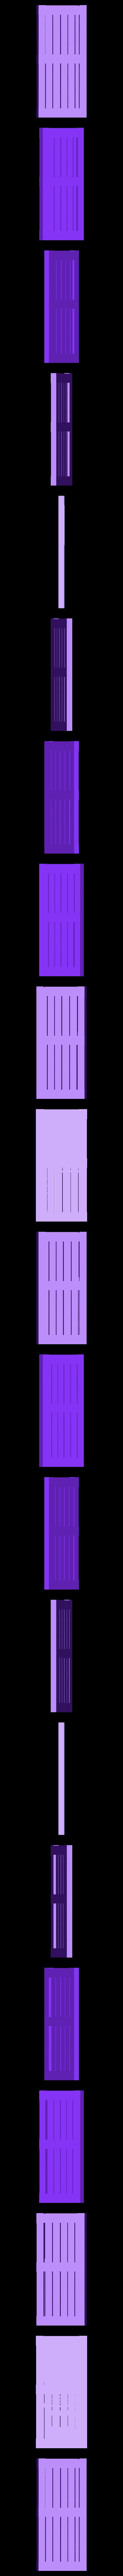 sqr_door1.stl Télécharger fichier STL gratuit Ripper's London - The (Modular) Factory • Modèle pour imprimante 3D, Earsling